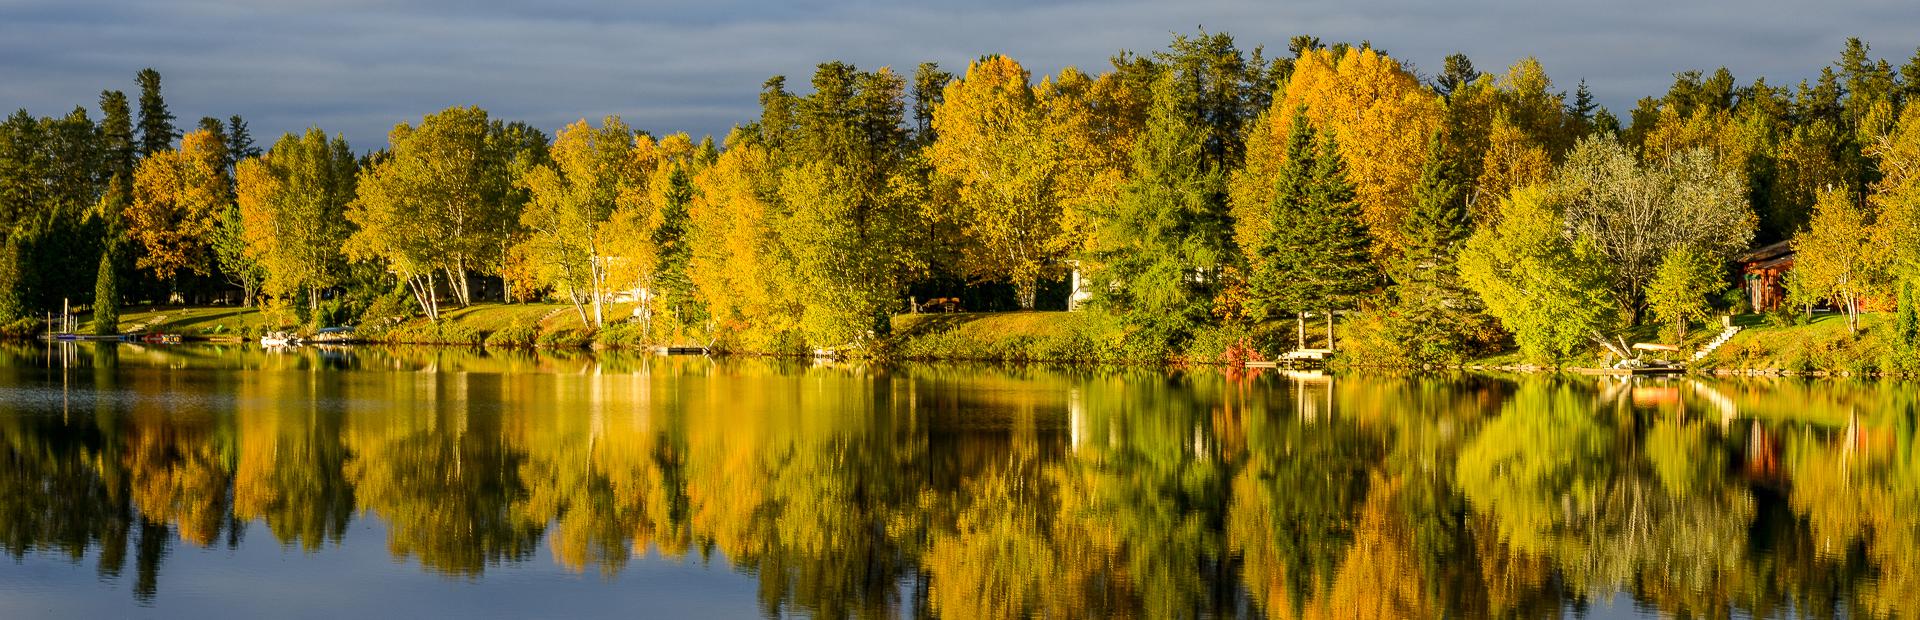 Le Regroupement des Propriétaires du Lac et des Berges du Lac Docteur